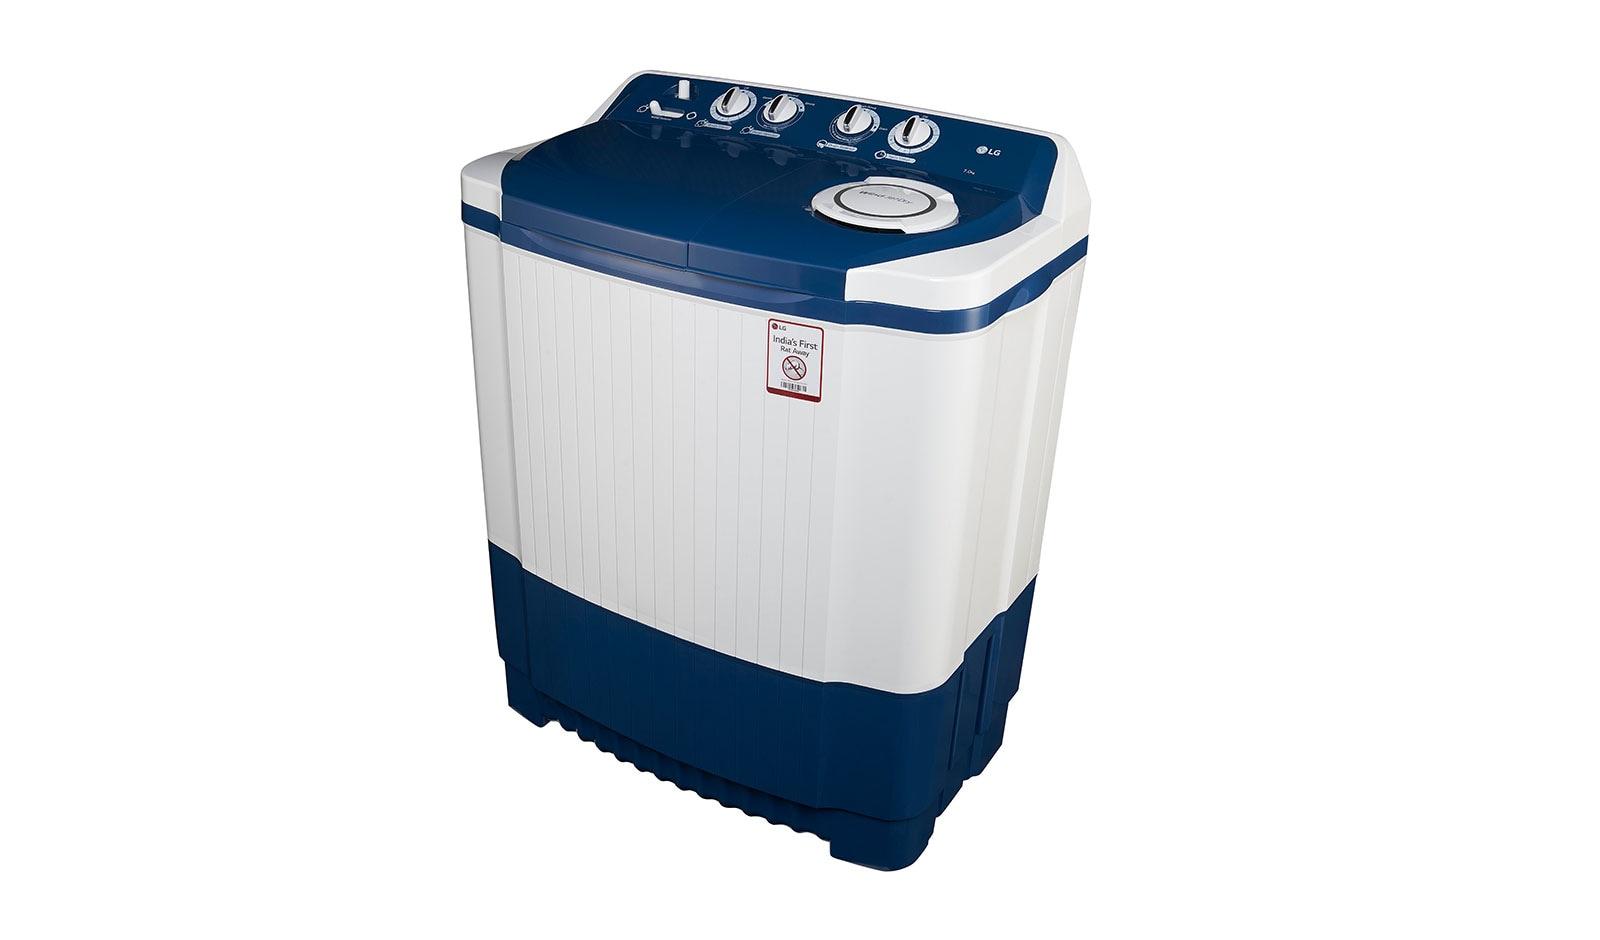 Godrej Fully Automatic Washing Machine Wiring Diagram ... on